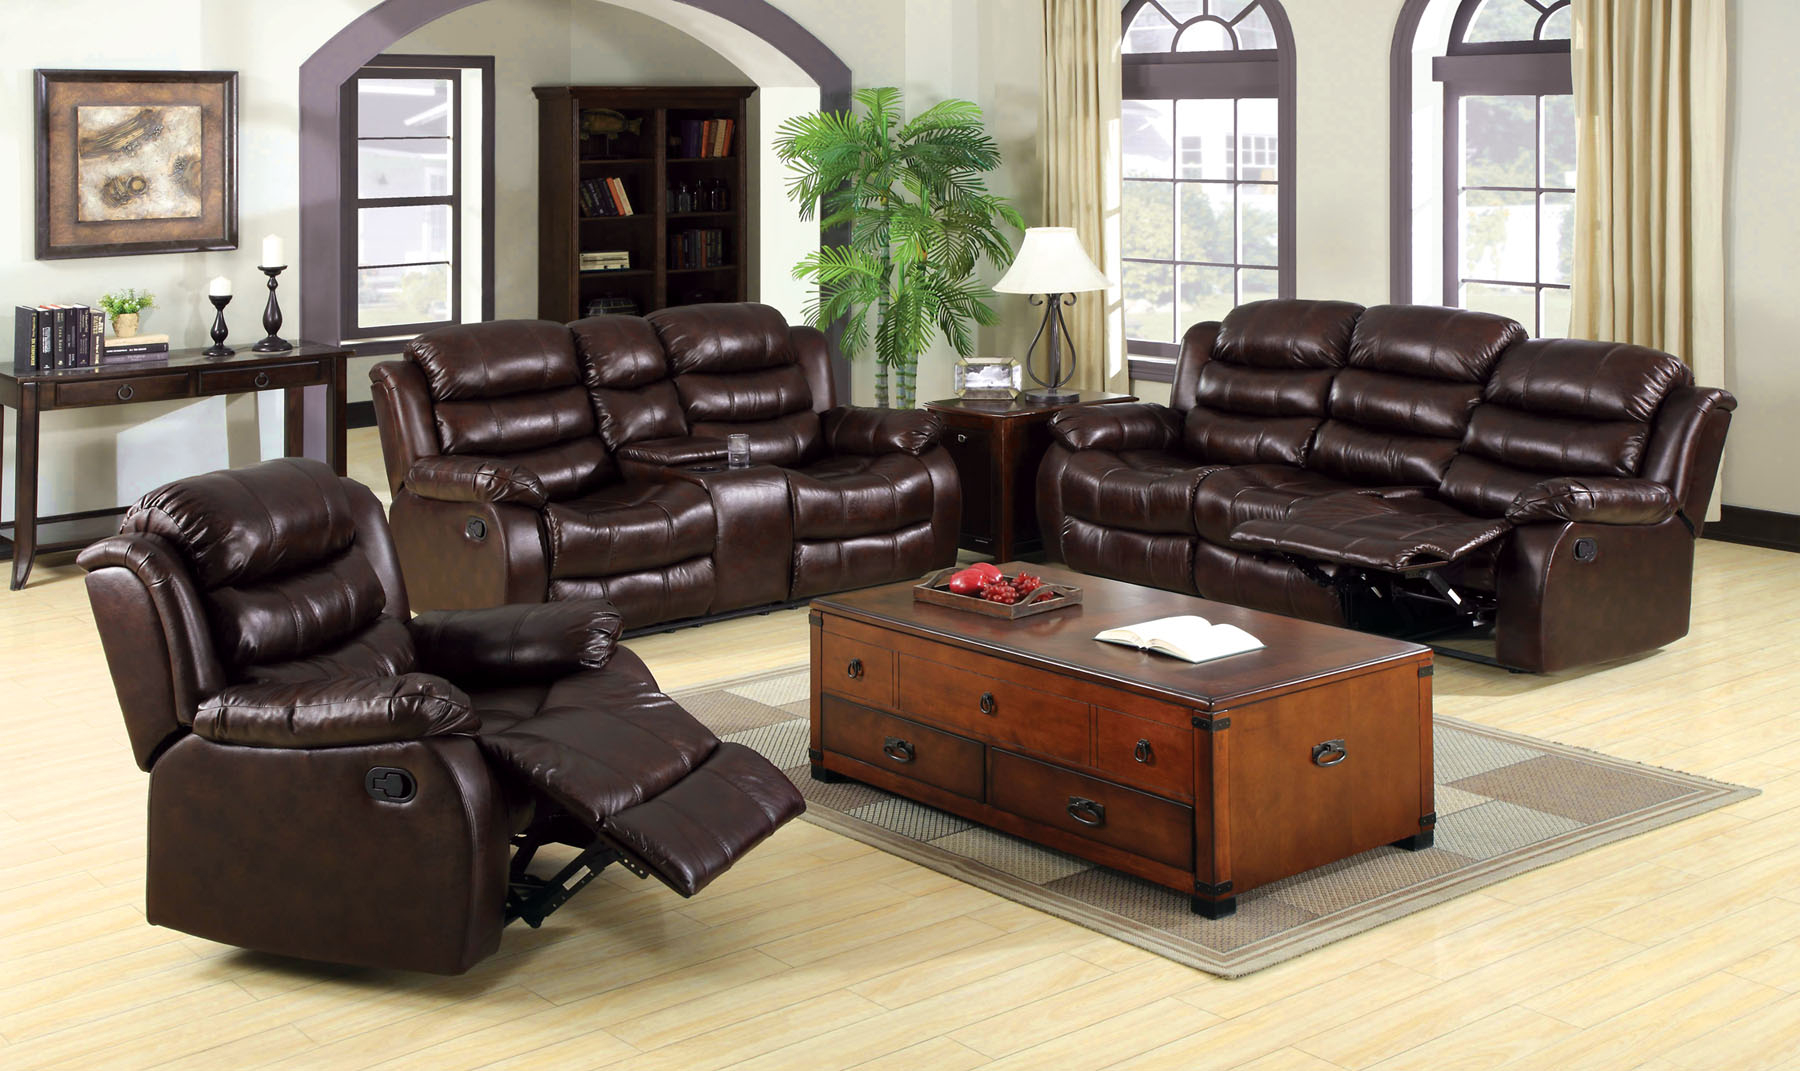 Muebles En Salt Lake City Utah - Home[mjhdah]http://www.haagamattressutah.com/uploads/1/6/0/1/16019412/8027972_orig.jpg